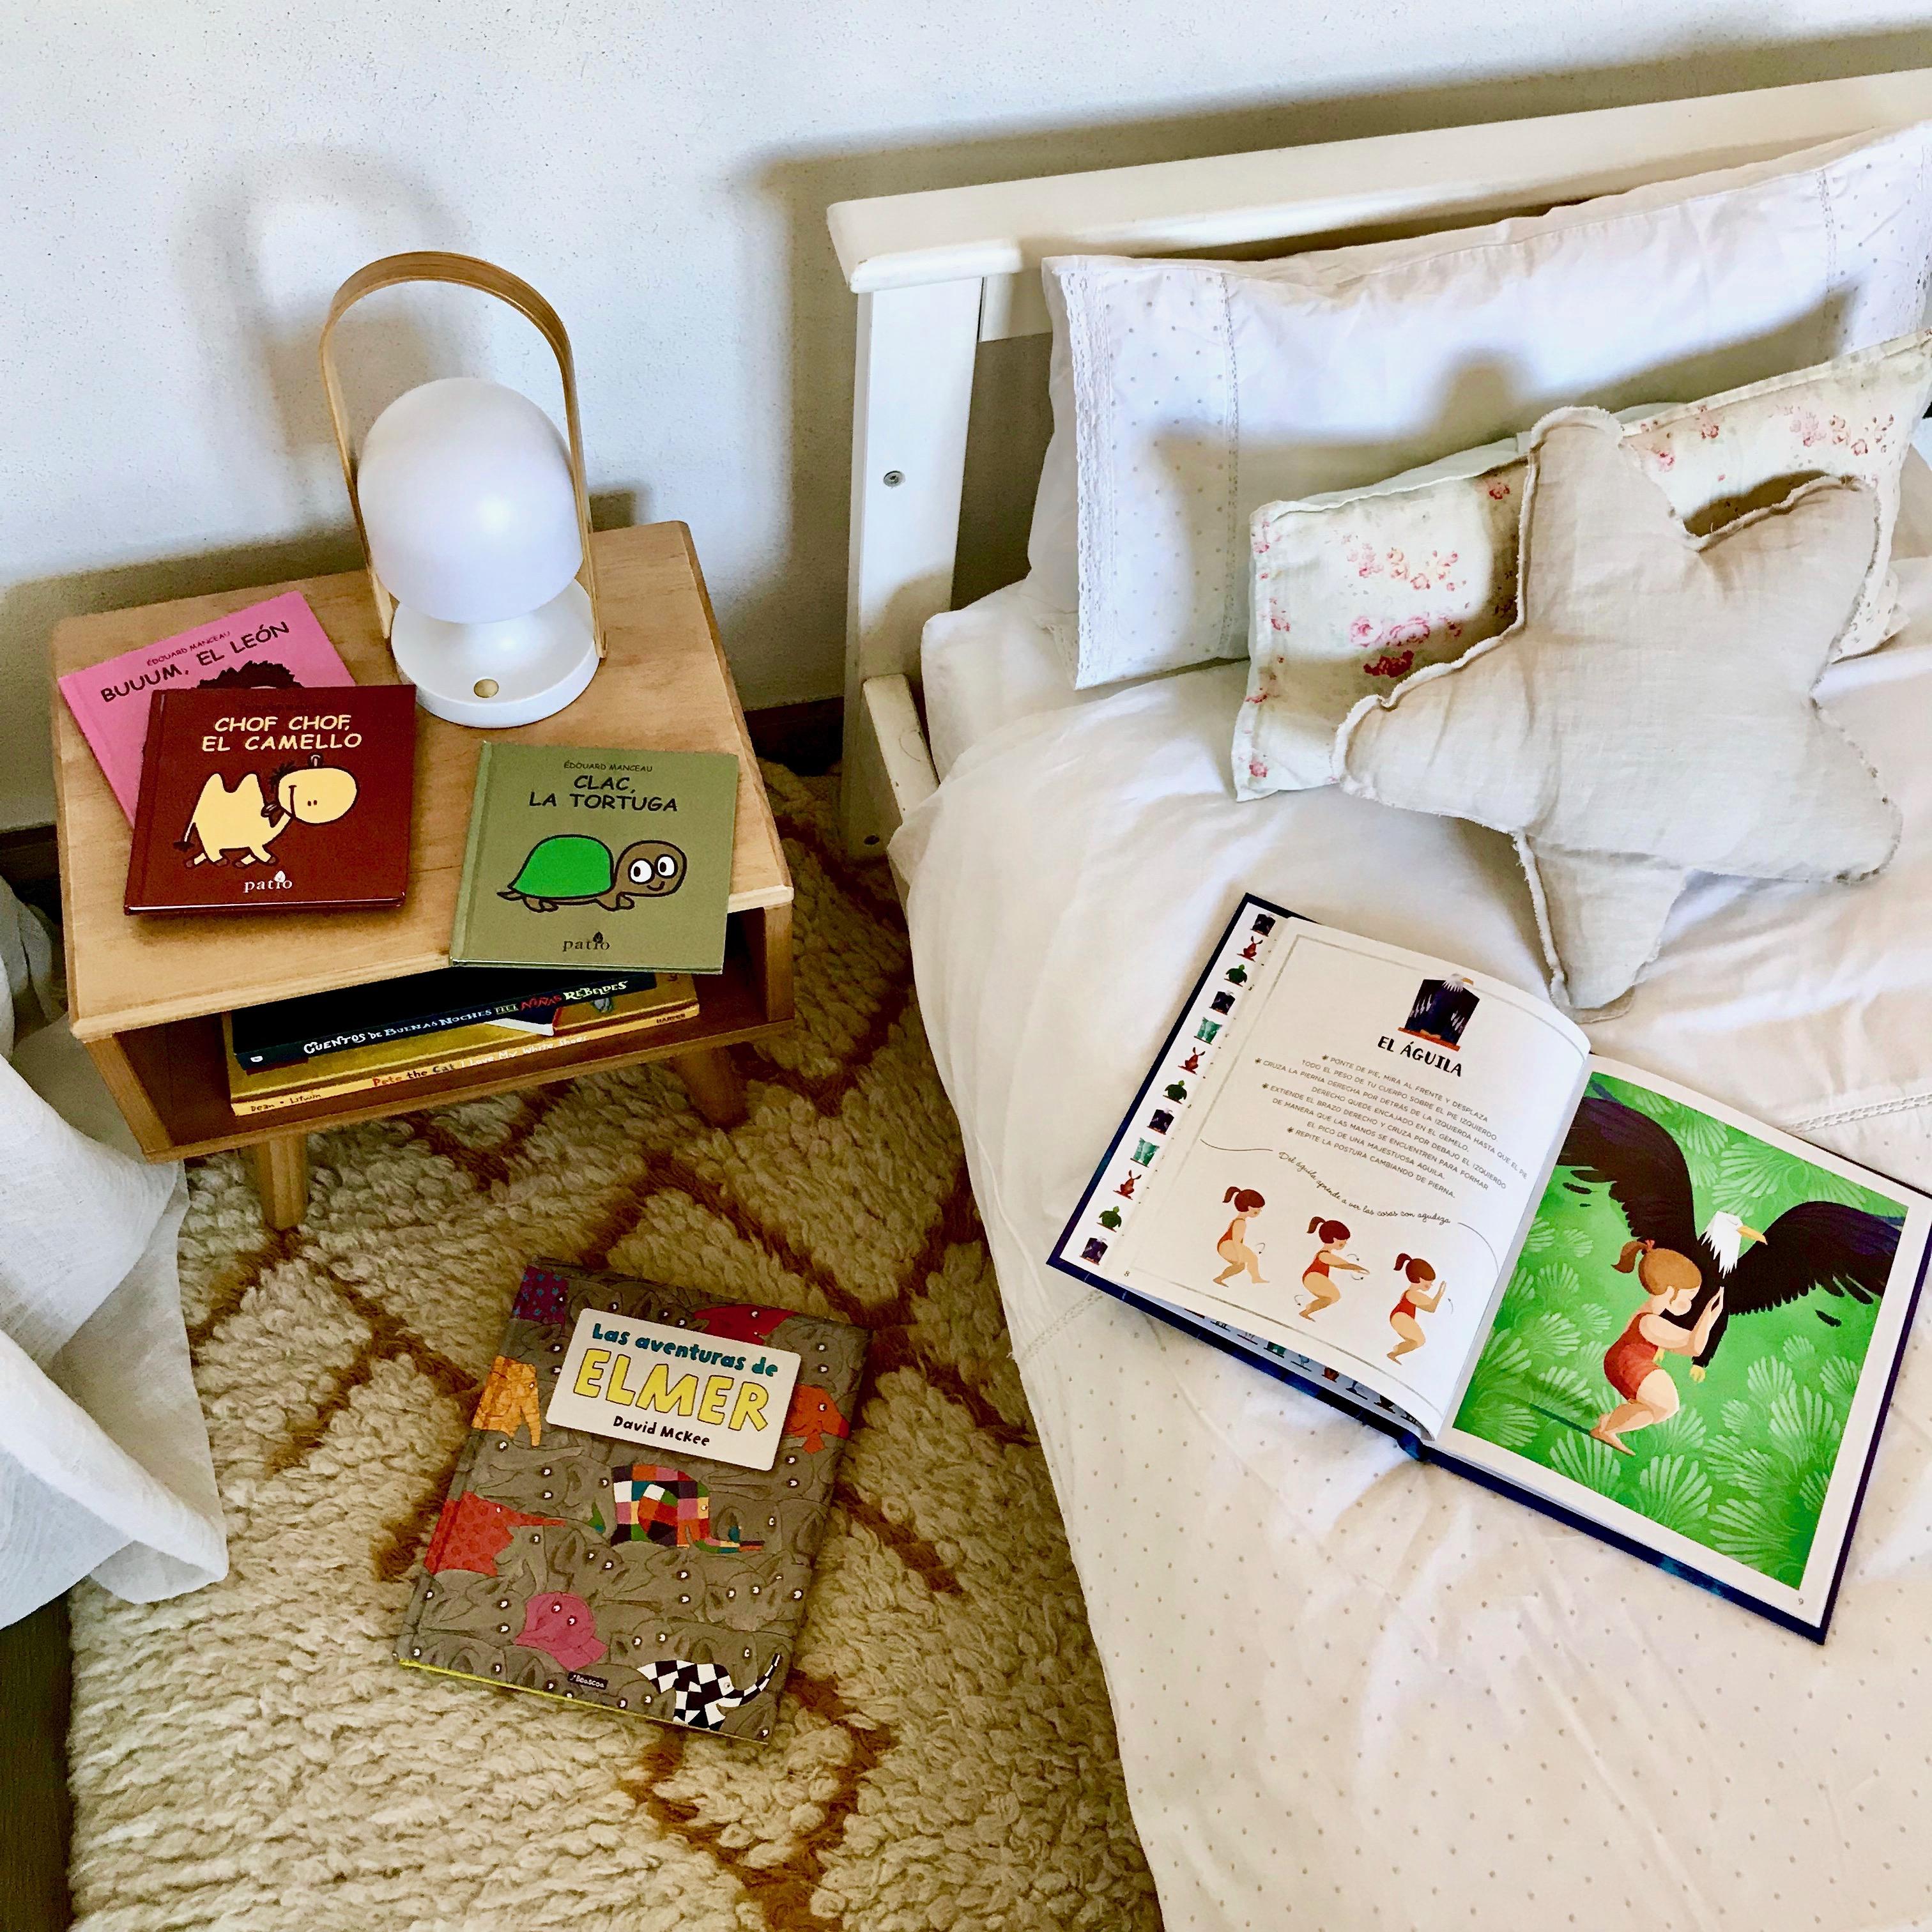 Los libros favoritos de mis dos M |Vanesa Lorenzo